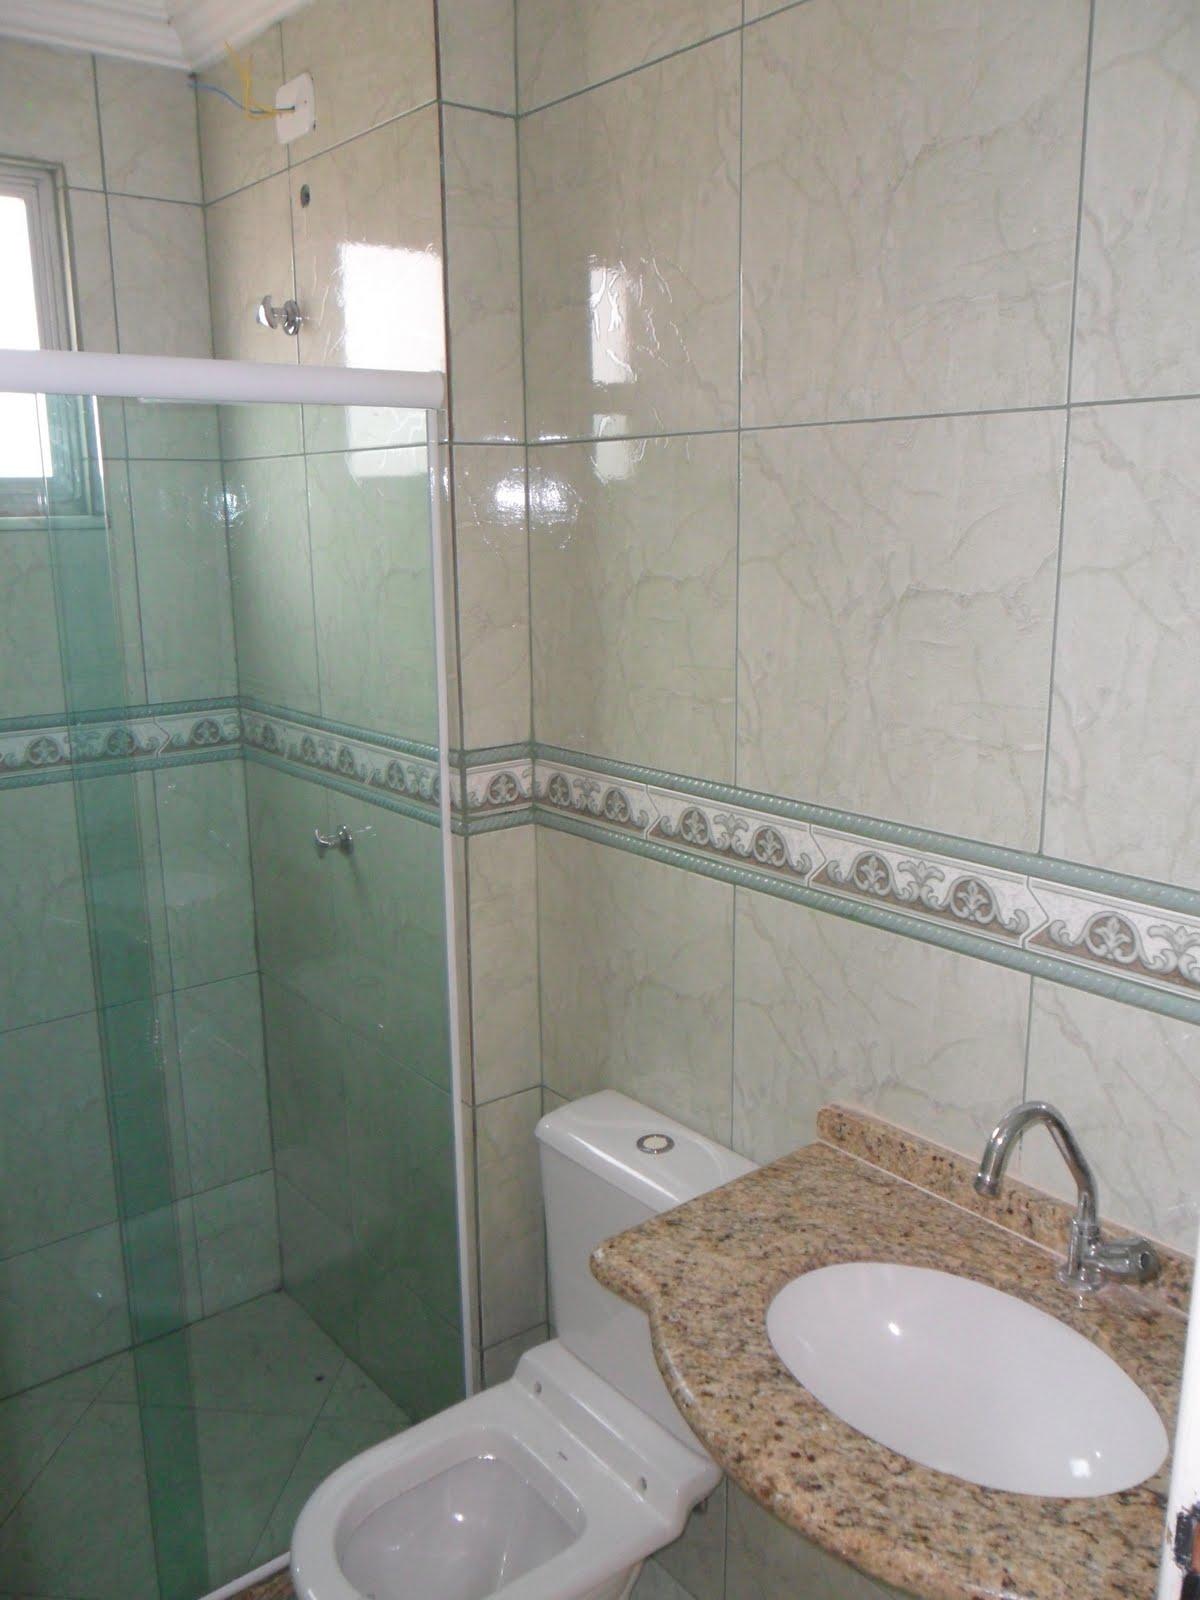 com 02 quartos sala ampla com rebaixamento em gesso banheiro  #665E50 1200 1600